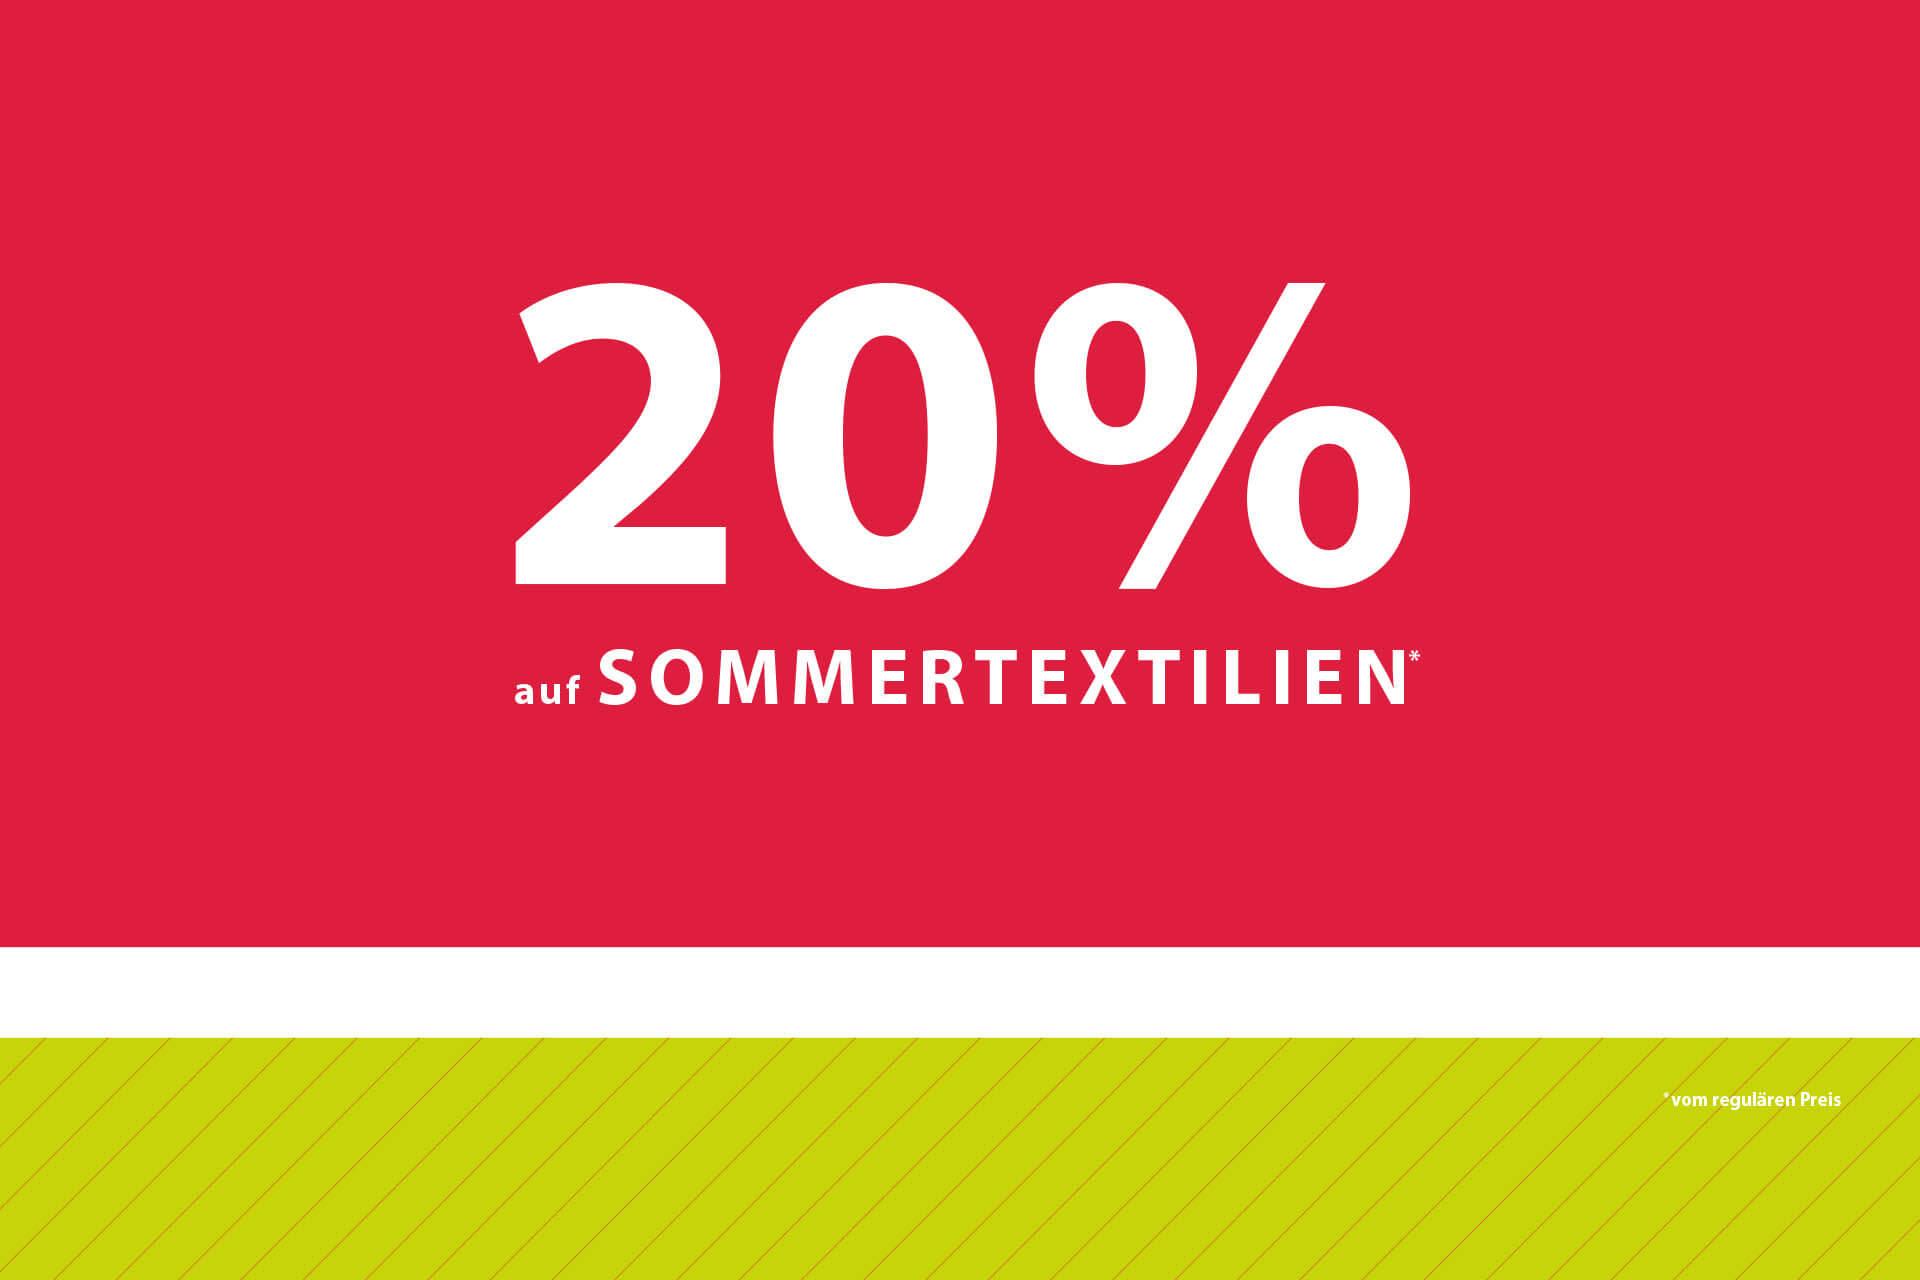 20 Prozent auf Sommertextilien World of Outdoor Sonthofen Allgäu Outdoor Bergsport Bekleidung Schuhe Ausrüstung web